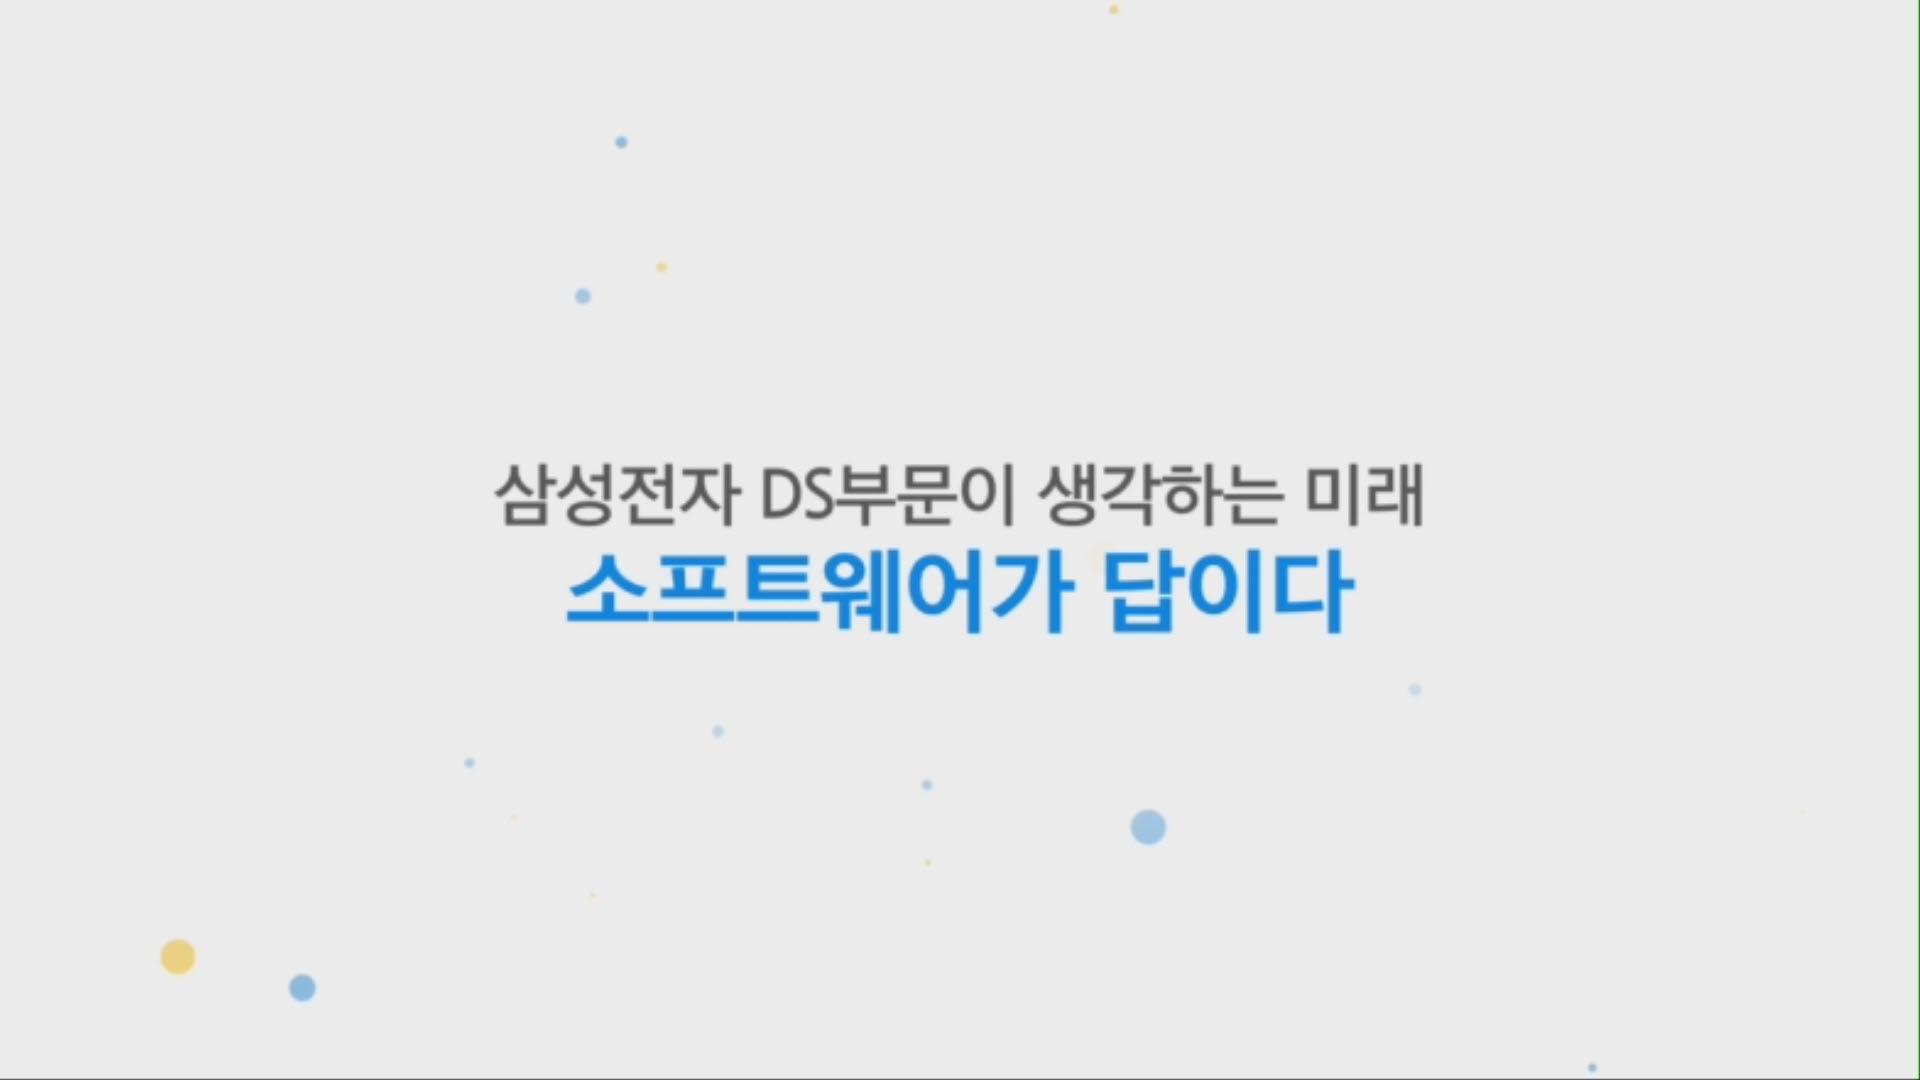 삼성전자 DS부문 채용 홍보 3